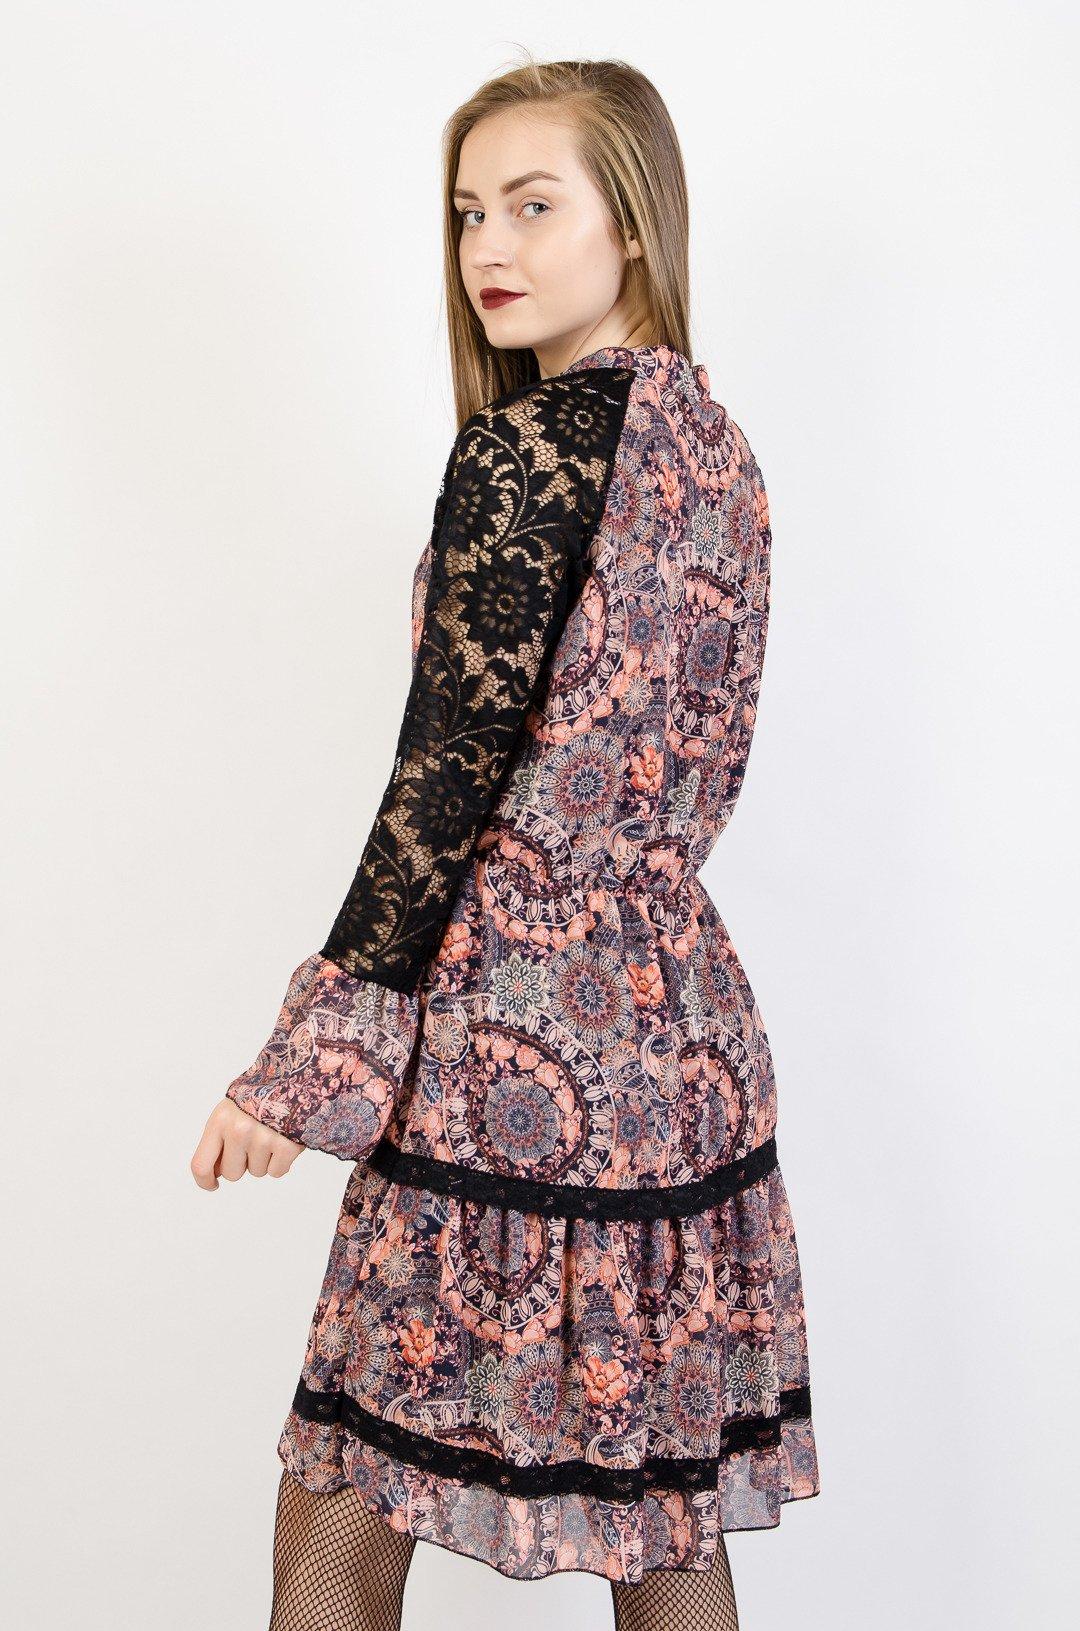 bd3a85f414 Wzorzysta sukienka z koronkowymi rękawami  Wzorzysta sukienka z koronkowymi  rękawami ...